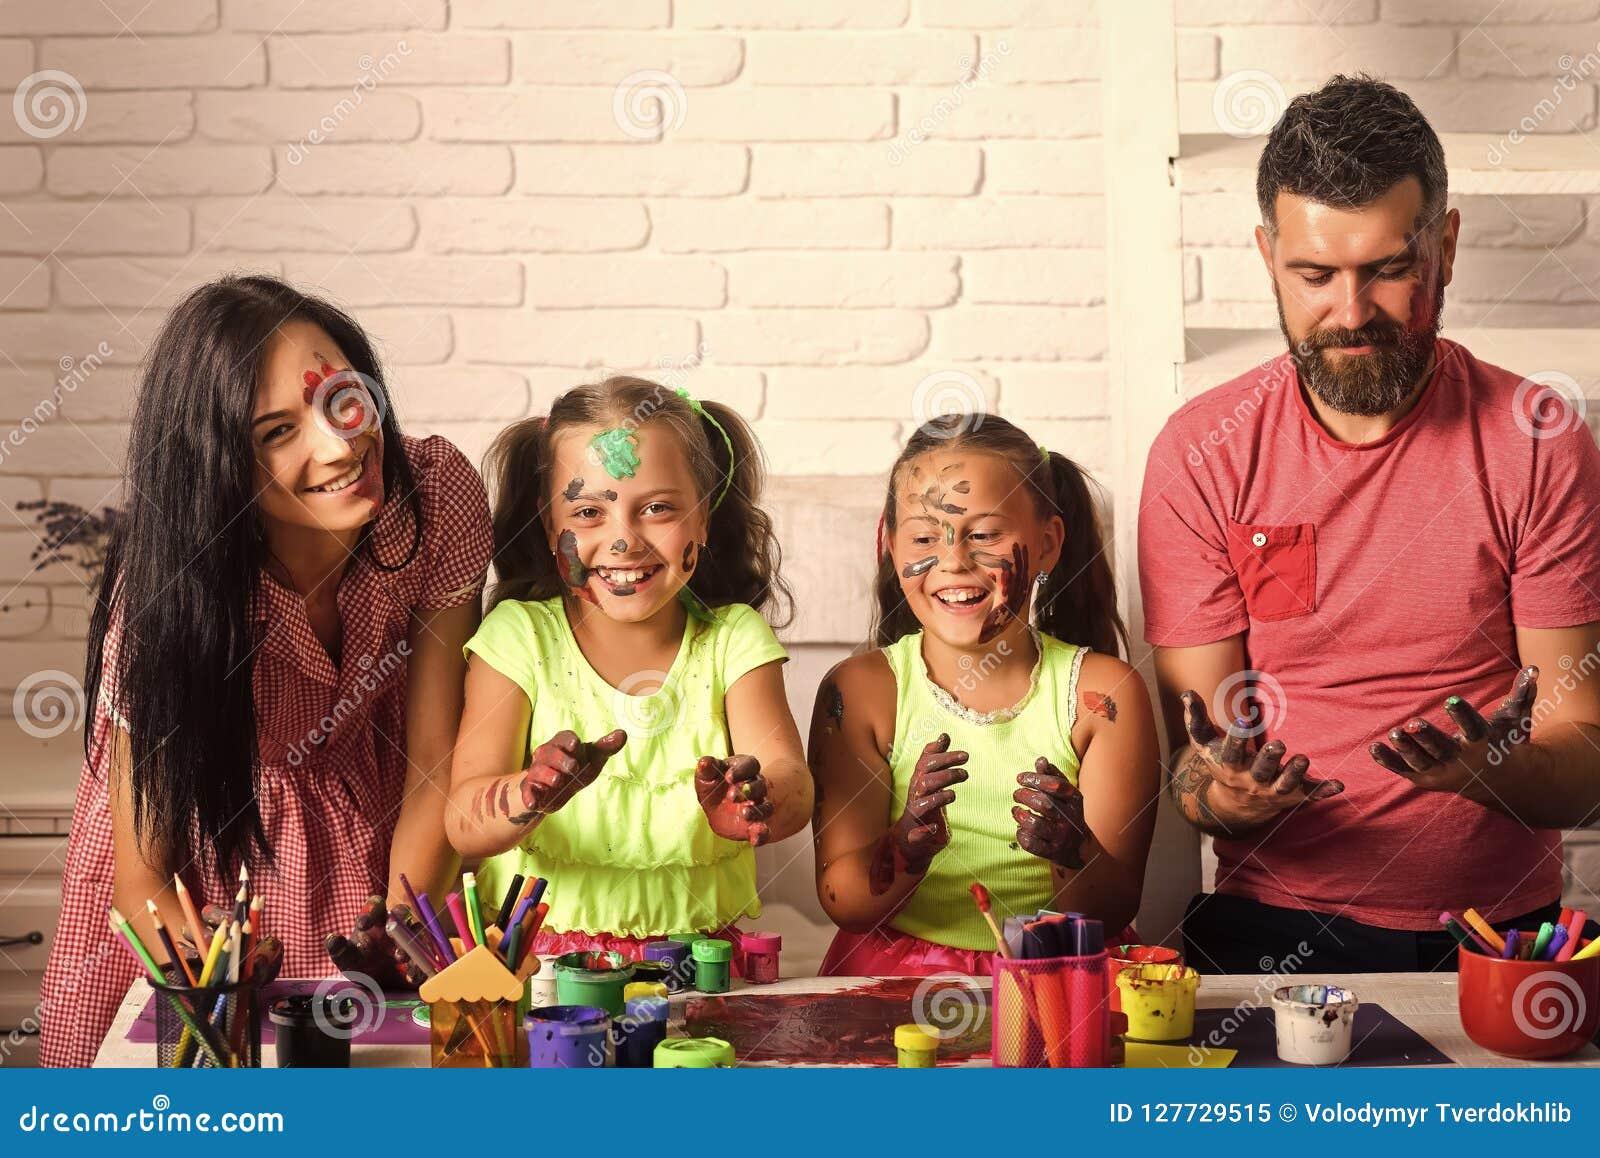 Familie, die mit den Händen gefärbt in den Farben lächelt